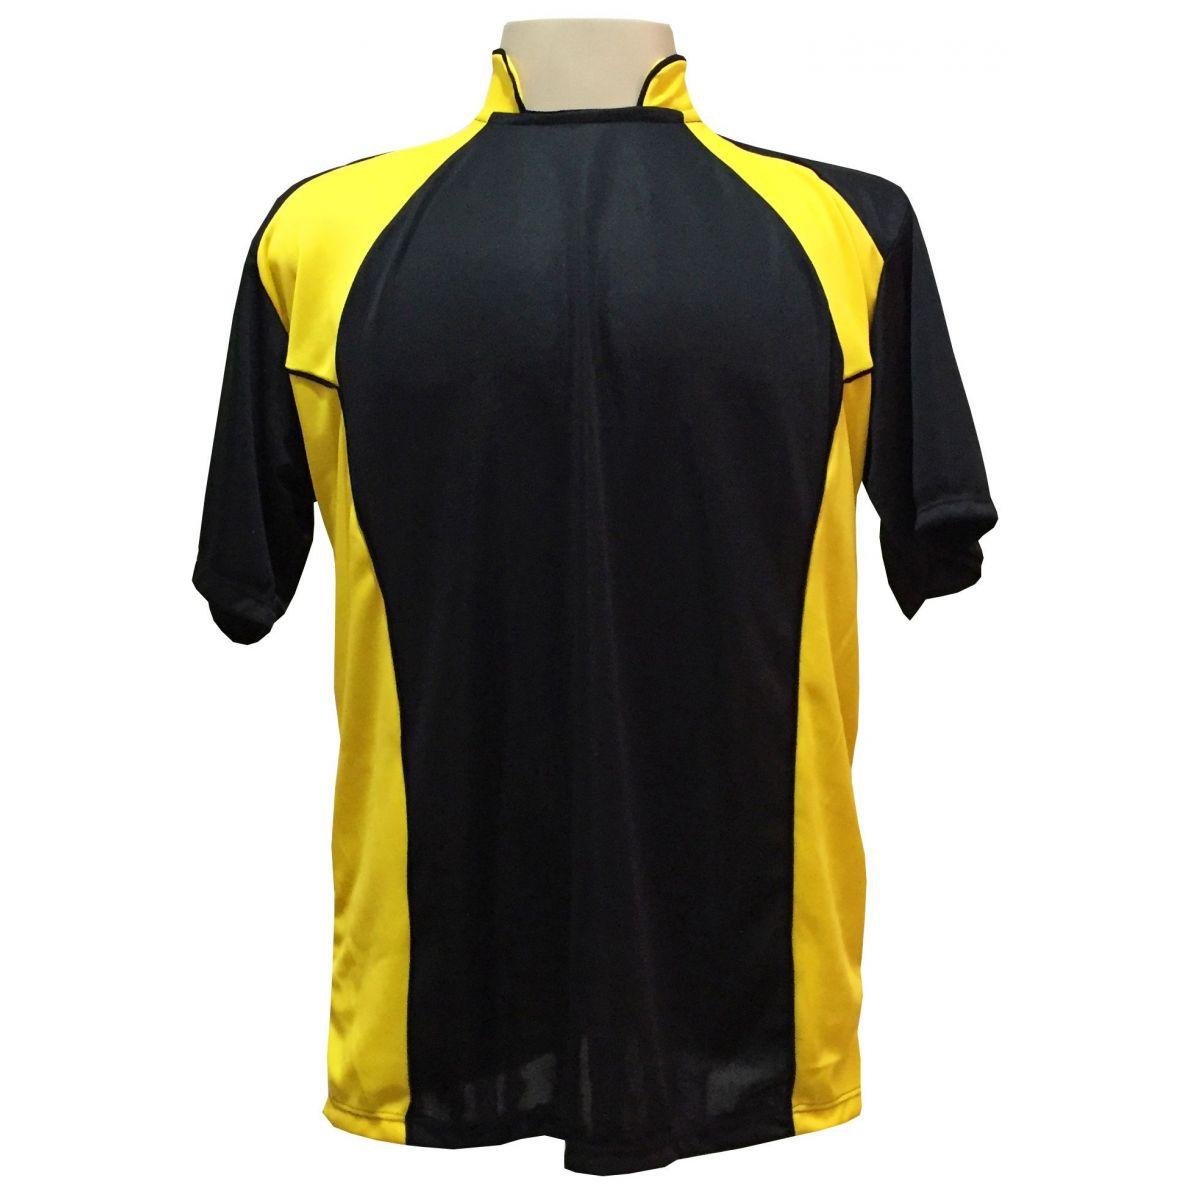 Jogo de Camisa com 14 unidades modelo Suécia Preto/Amarelo + 1 Goleiro + Brindes